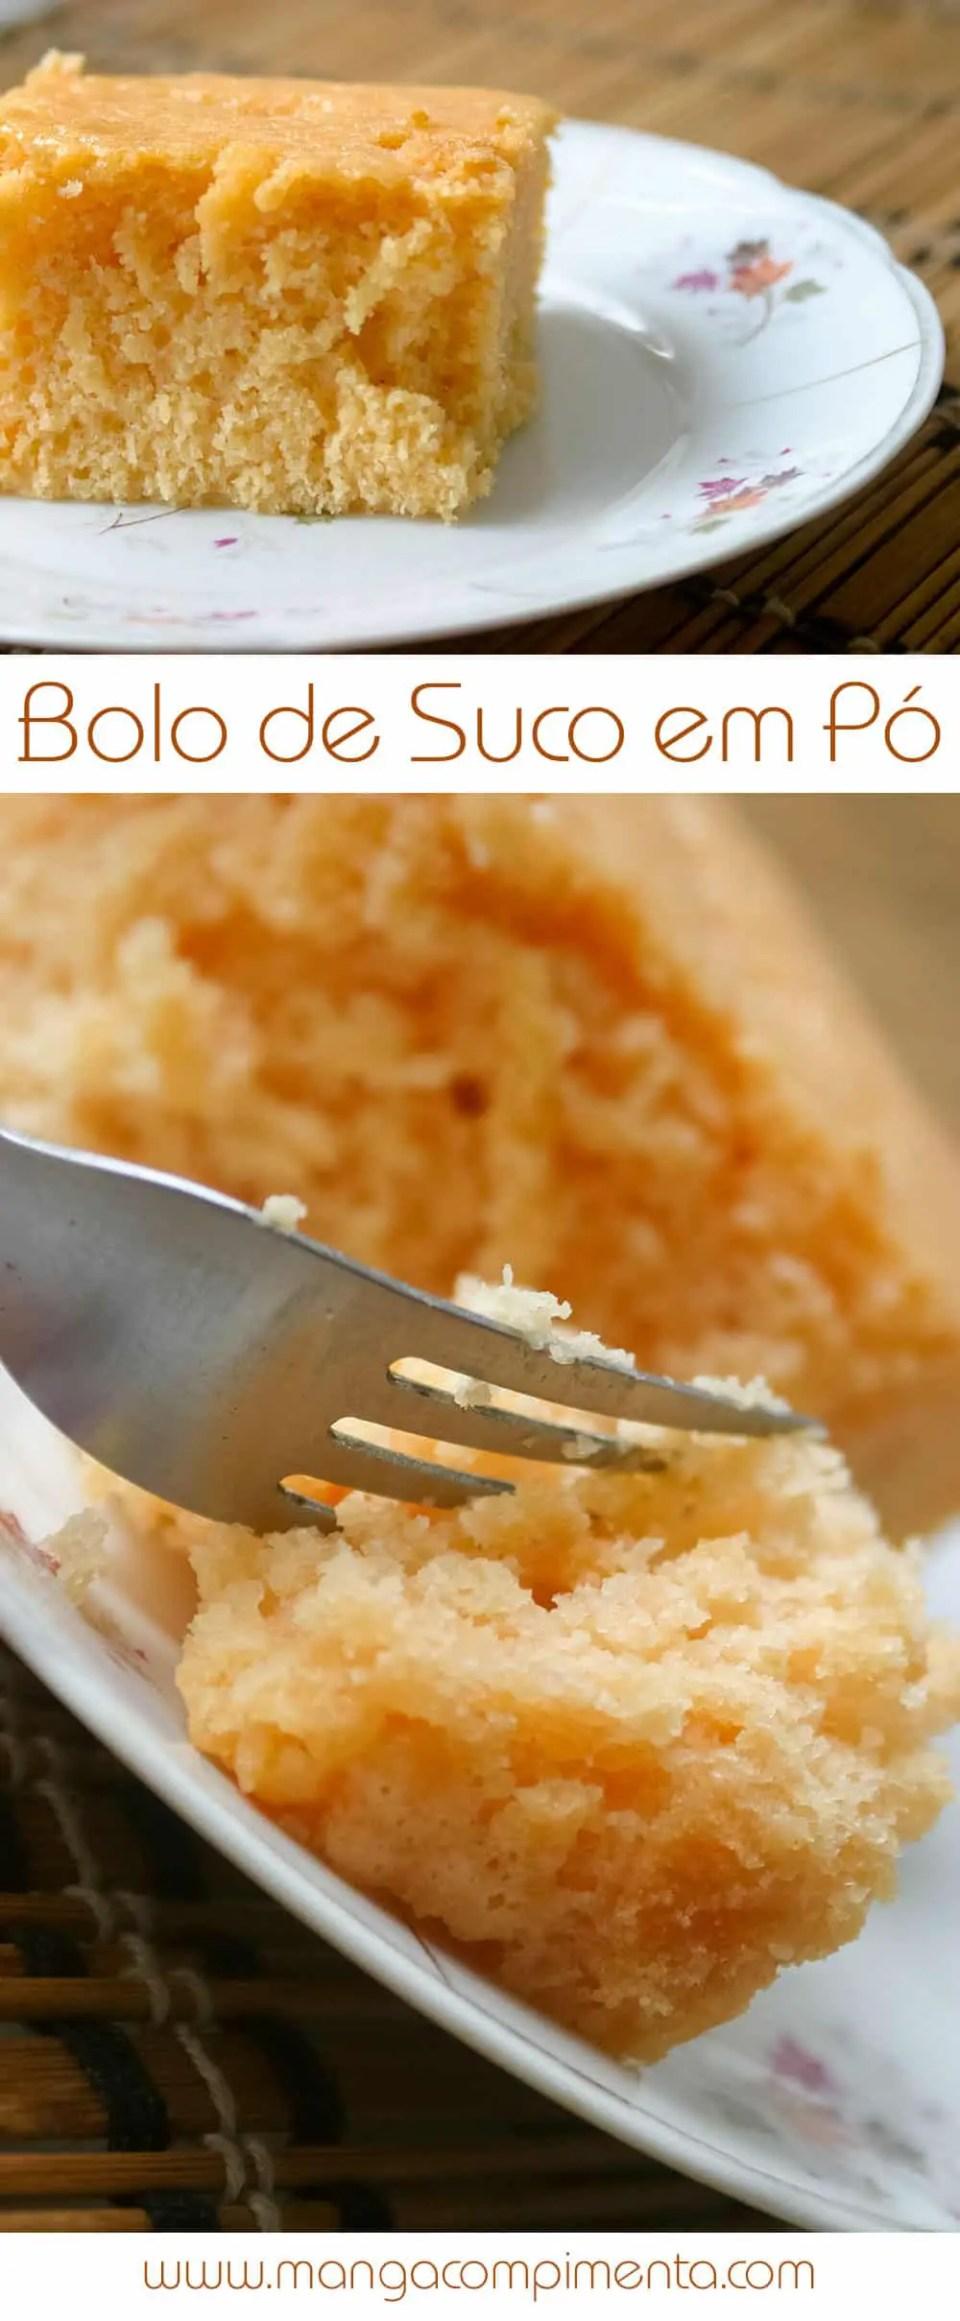 Receita de Bolo de Suco em Pó - Pode fazer sem medo de ser feliz!